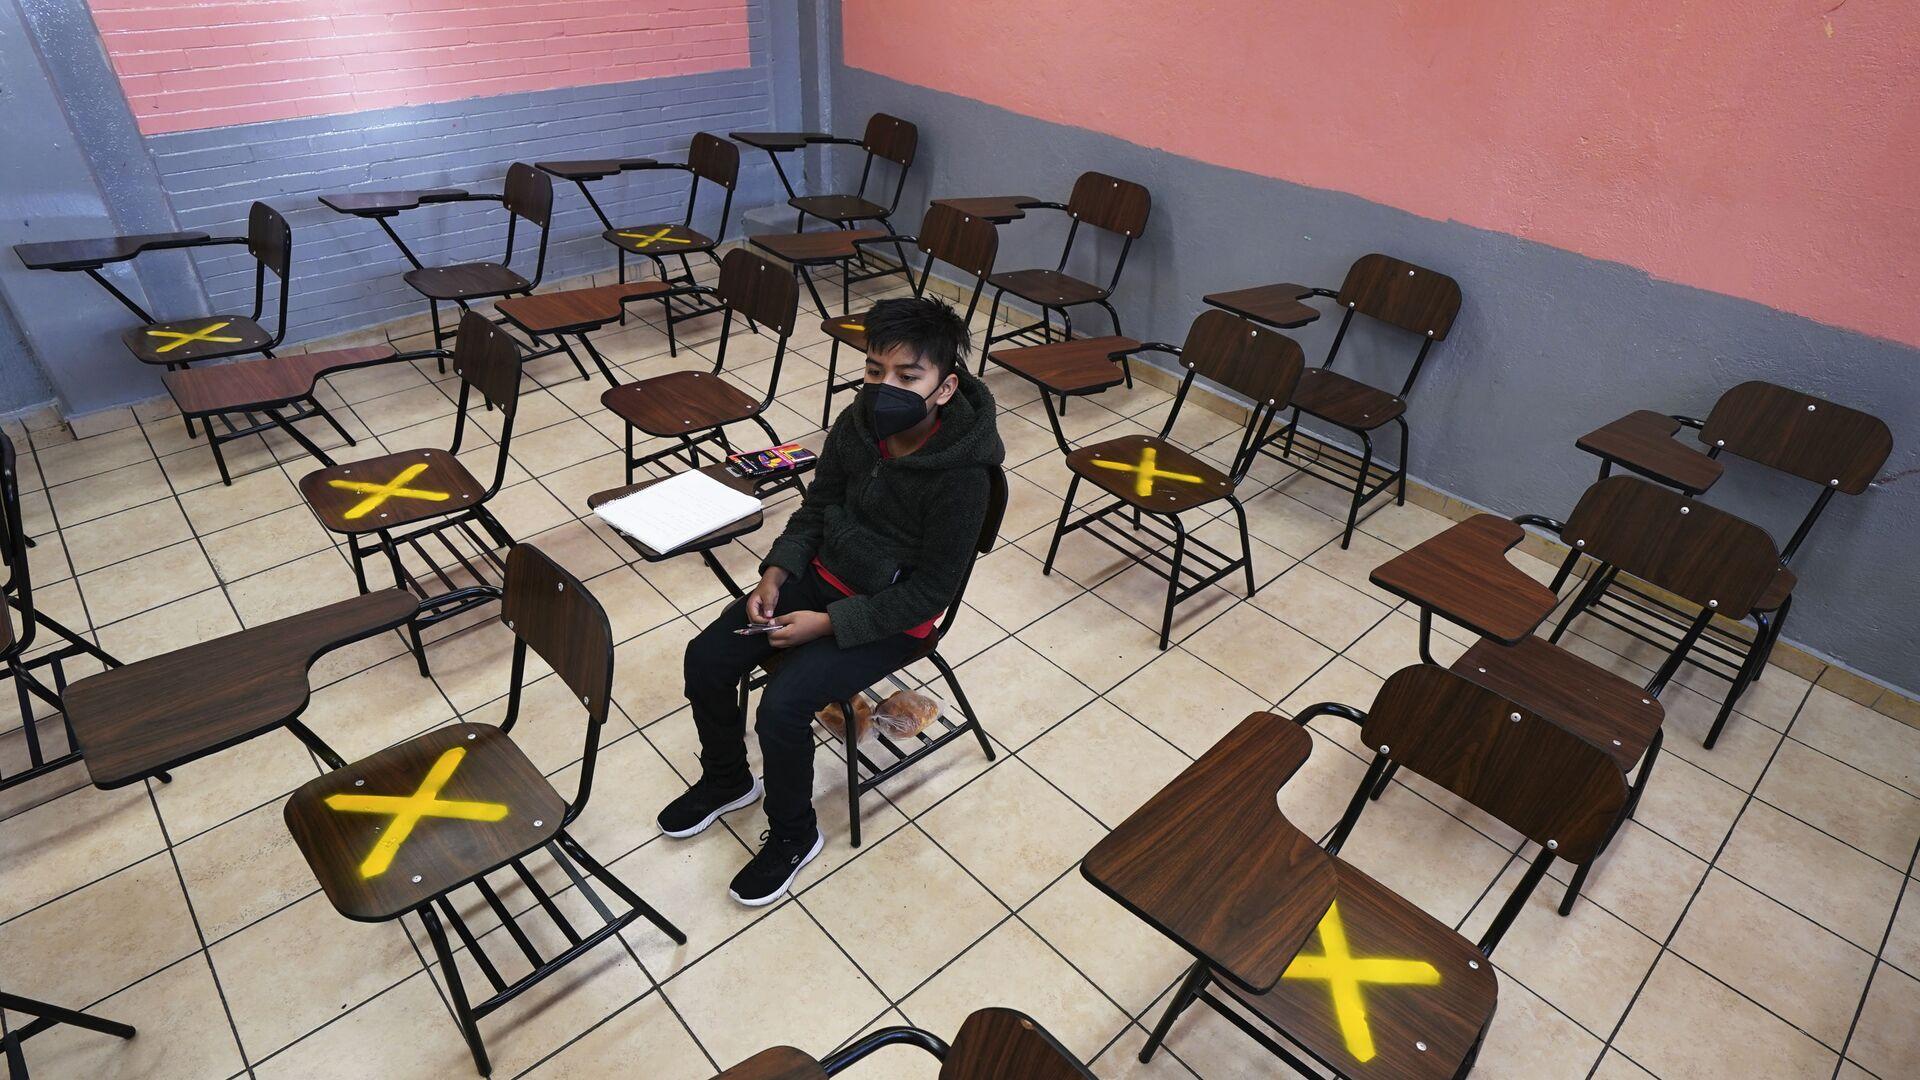 Ученик во время индивидуального занятия в школе в Истакалько, Мексика - Sputnik Латвия, 1920, 06.10.2021